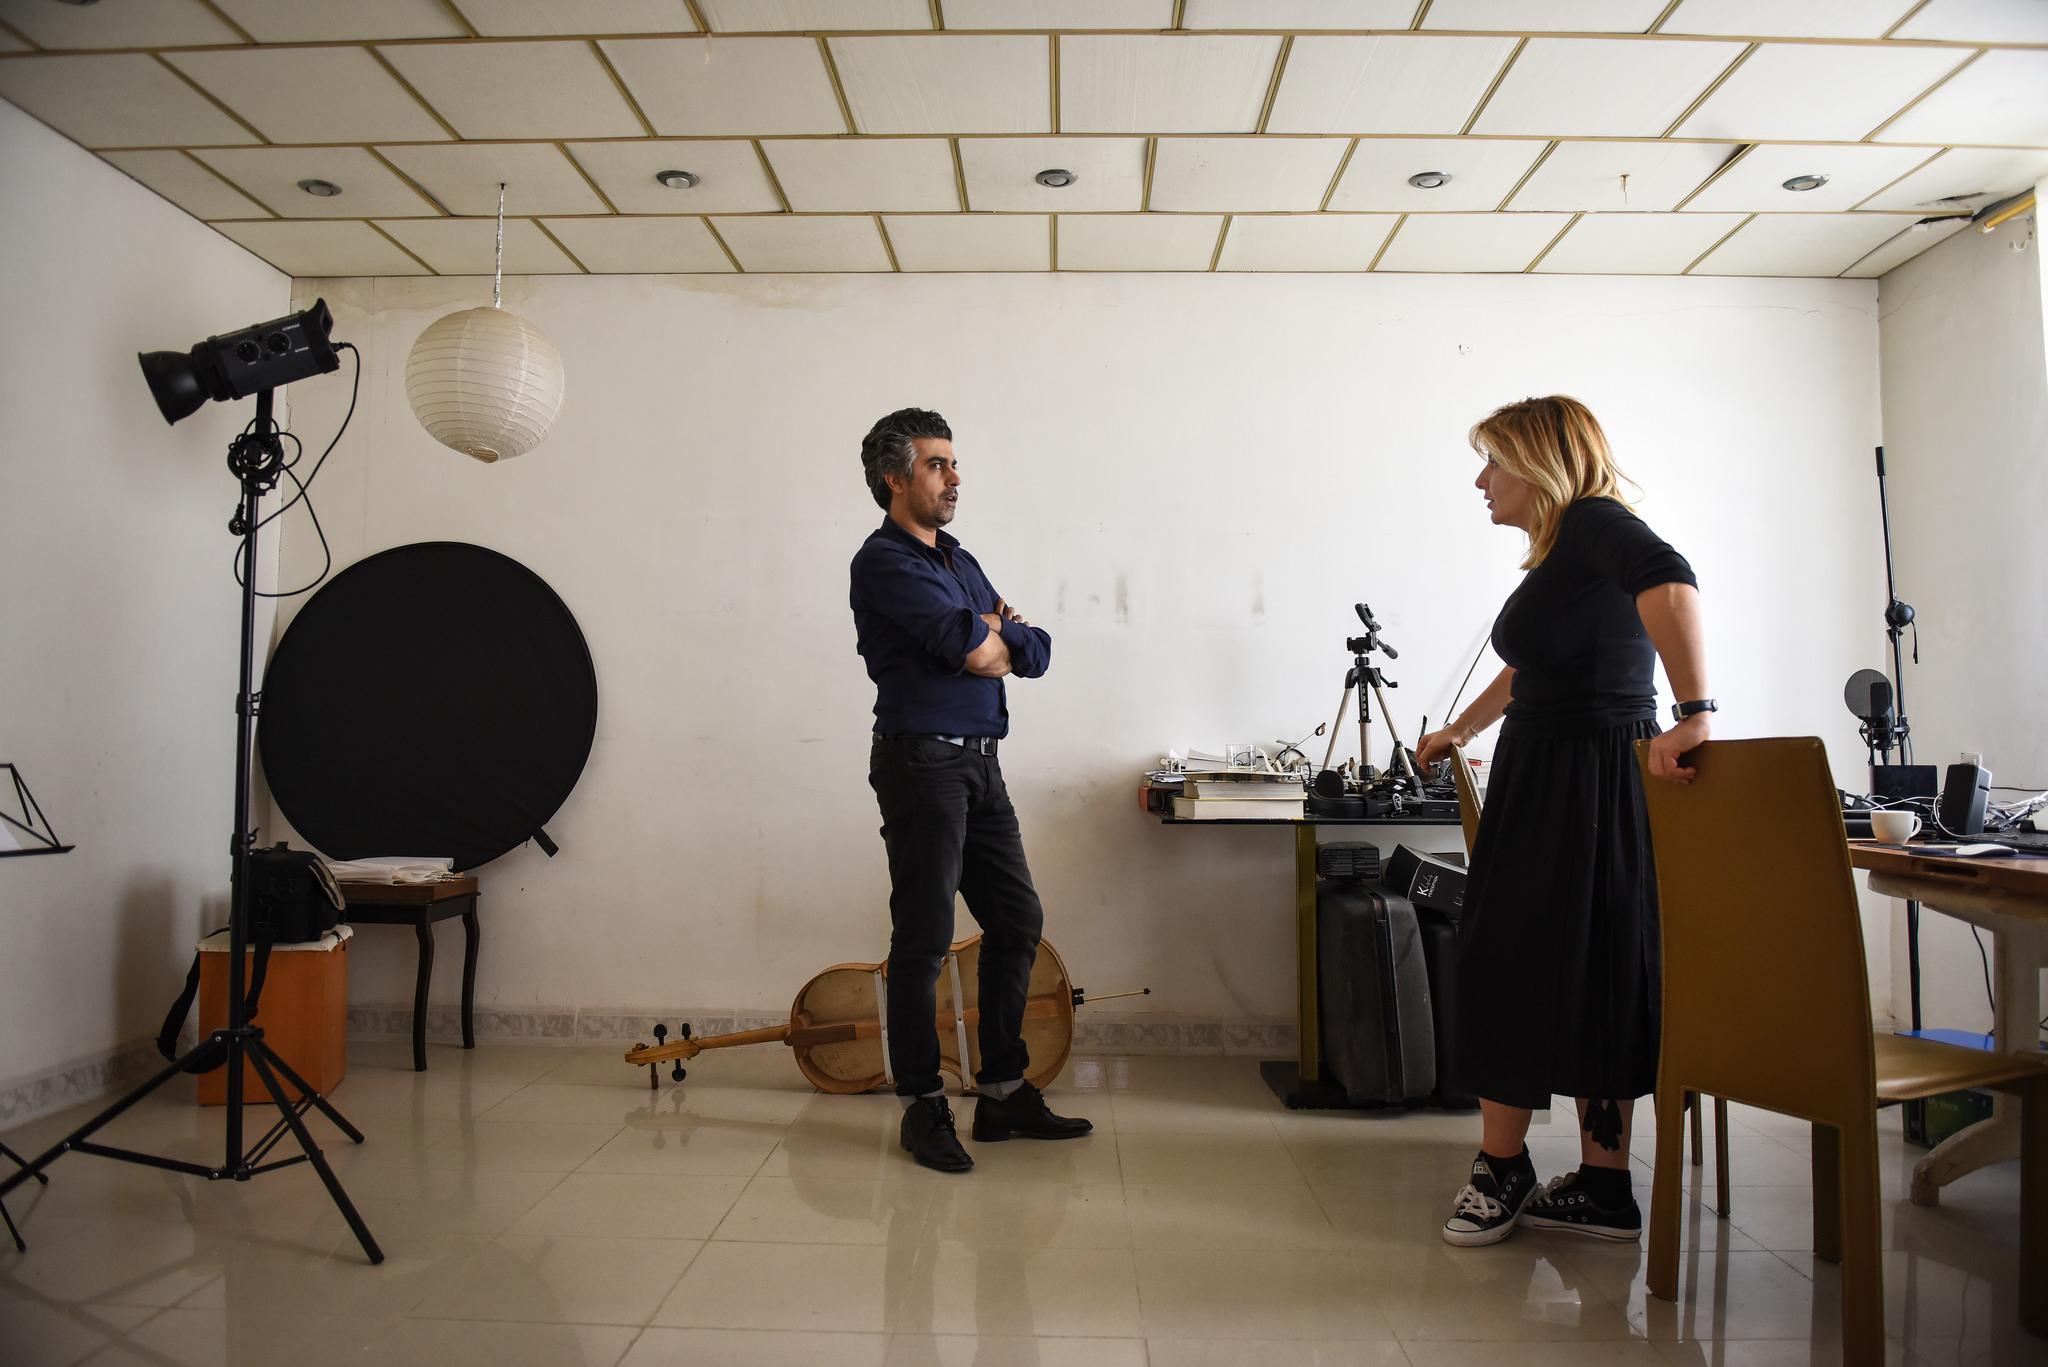 Sherko Abbas and Tamara Chalabi in the artist's studio in Sulaymaniya. Photo: Ruya Foundation